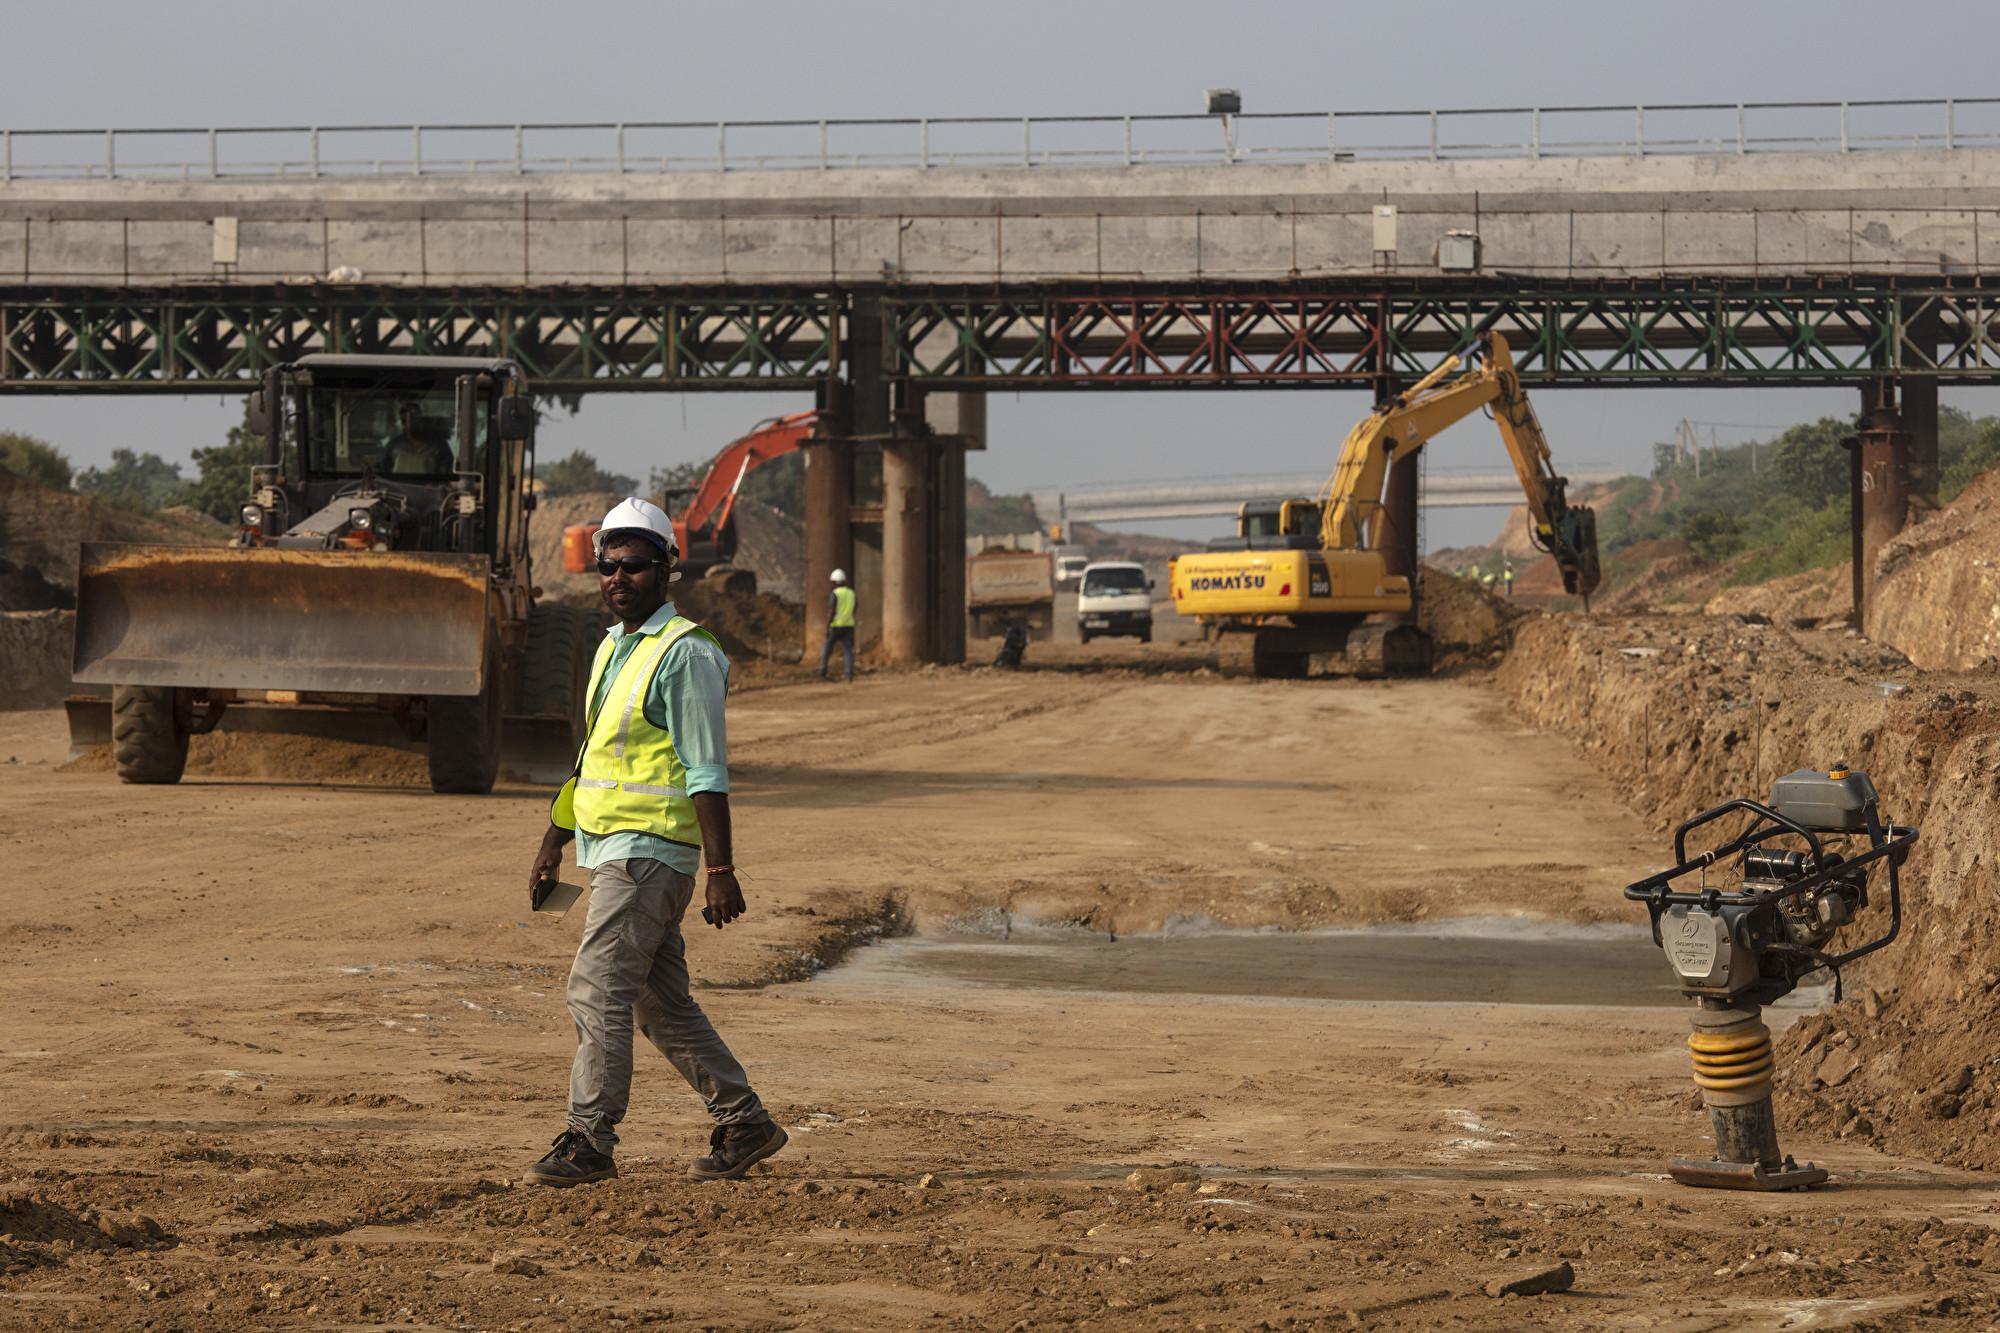 因中共倡議的一帶一路令斯里蘭卡身陷債務危機。圖為正在興建中的南部高速公路,由瑪塔拉延伸至赫班托達港。(Paula Bronstein/Getty Images)